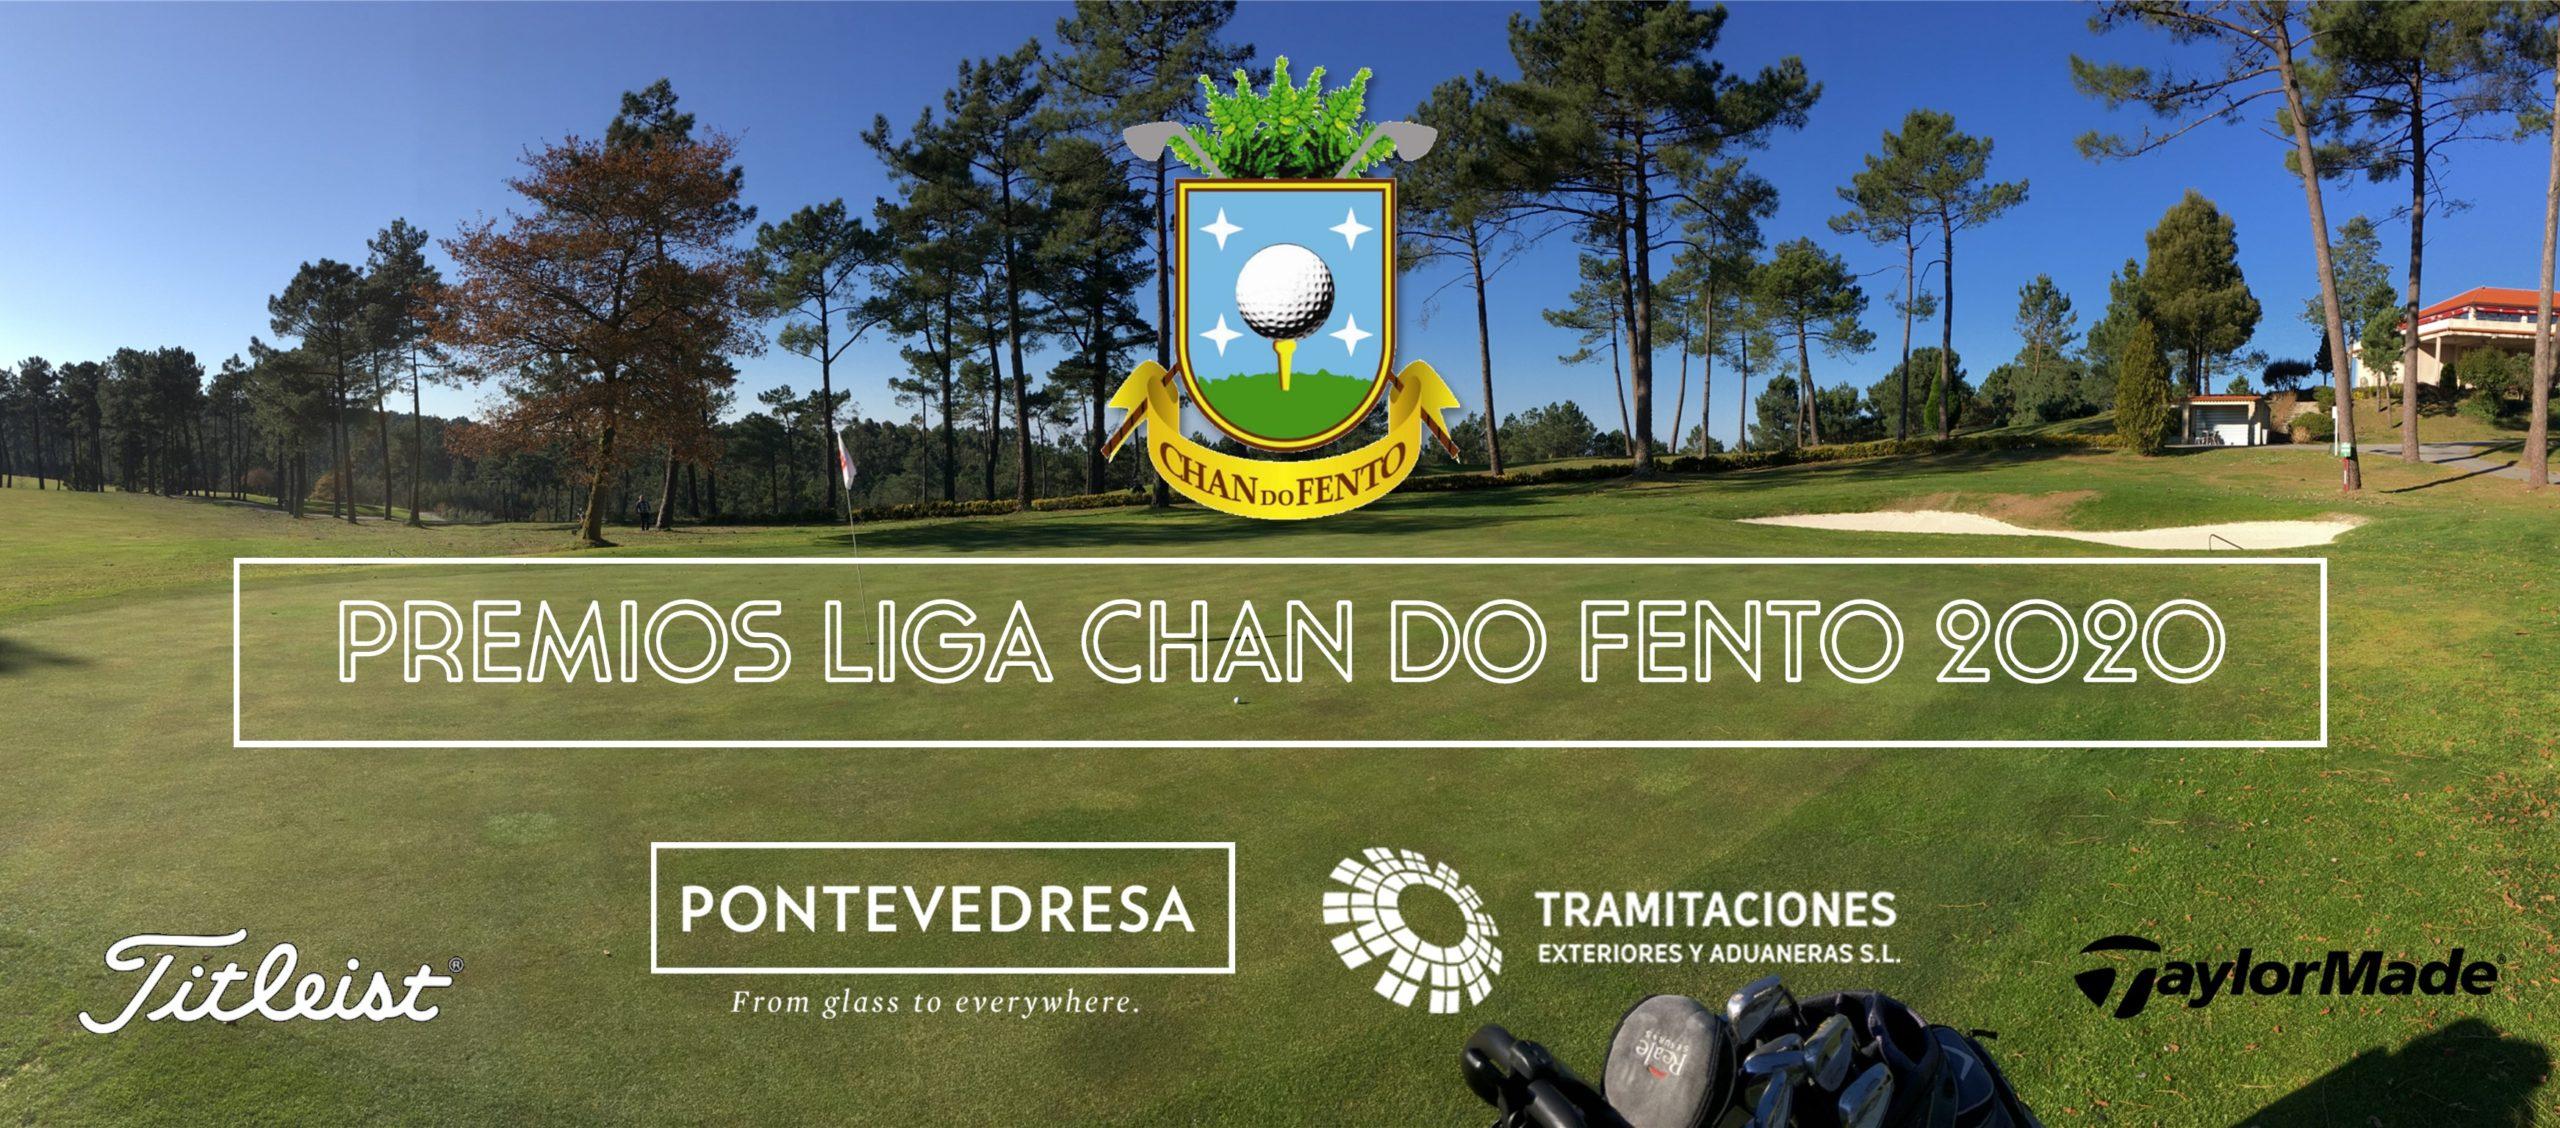 Premios Liga Chan Do Fento 2020